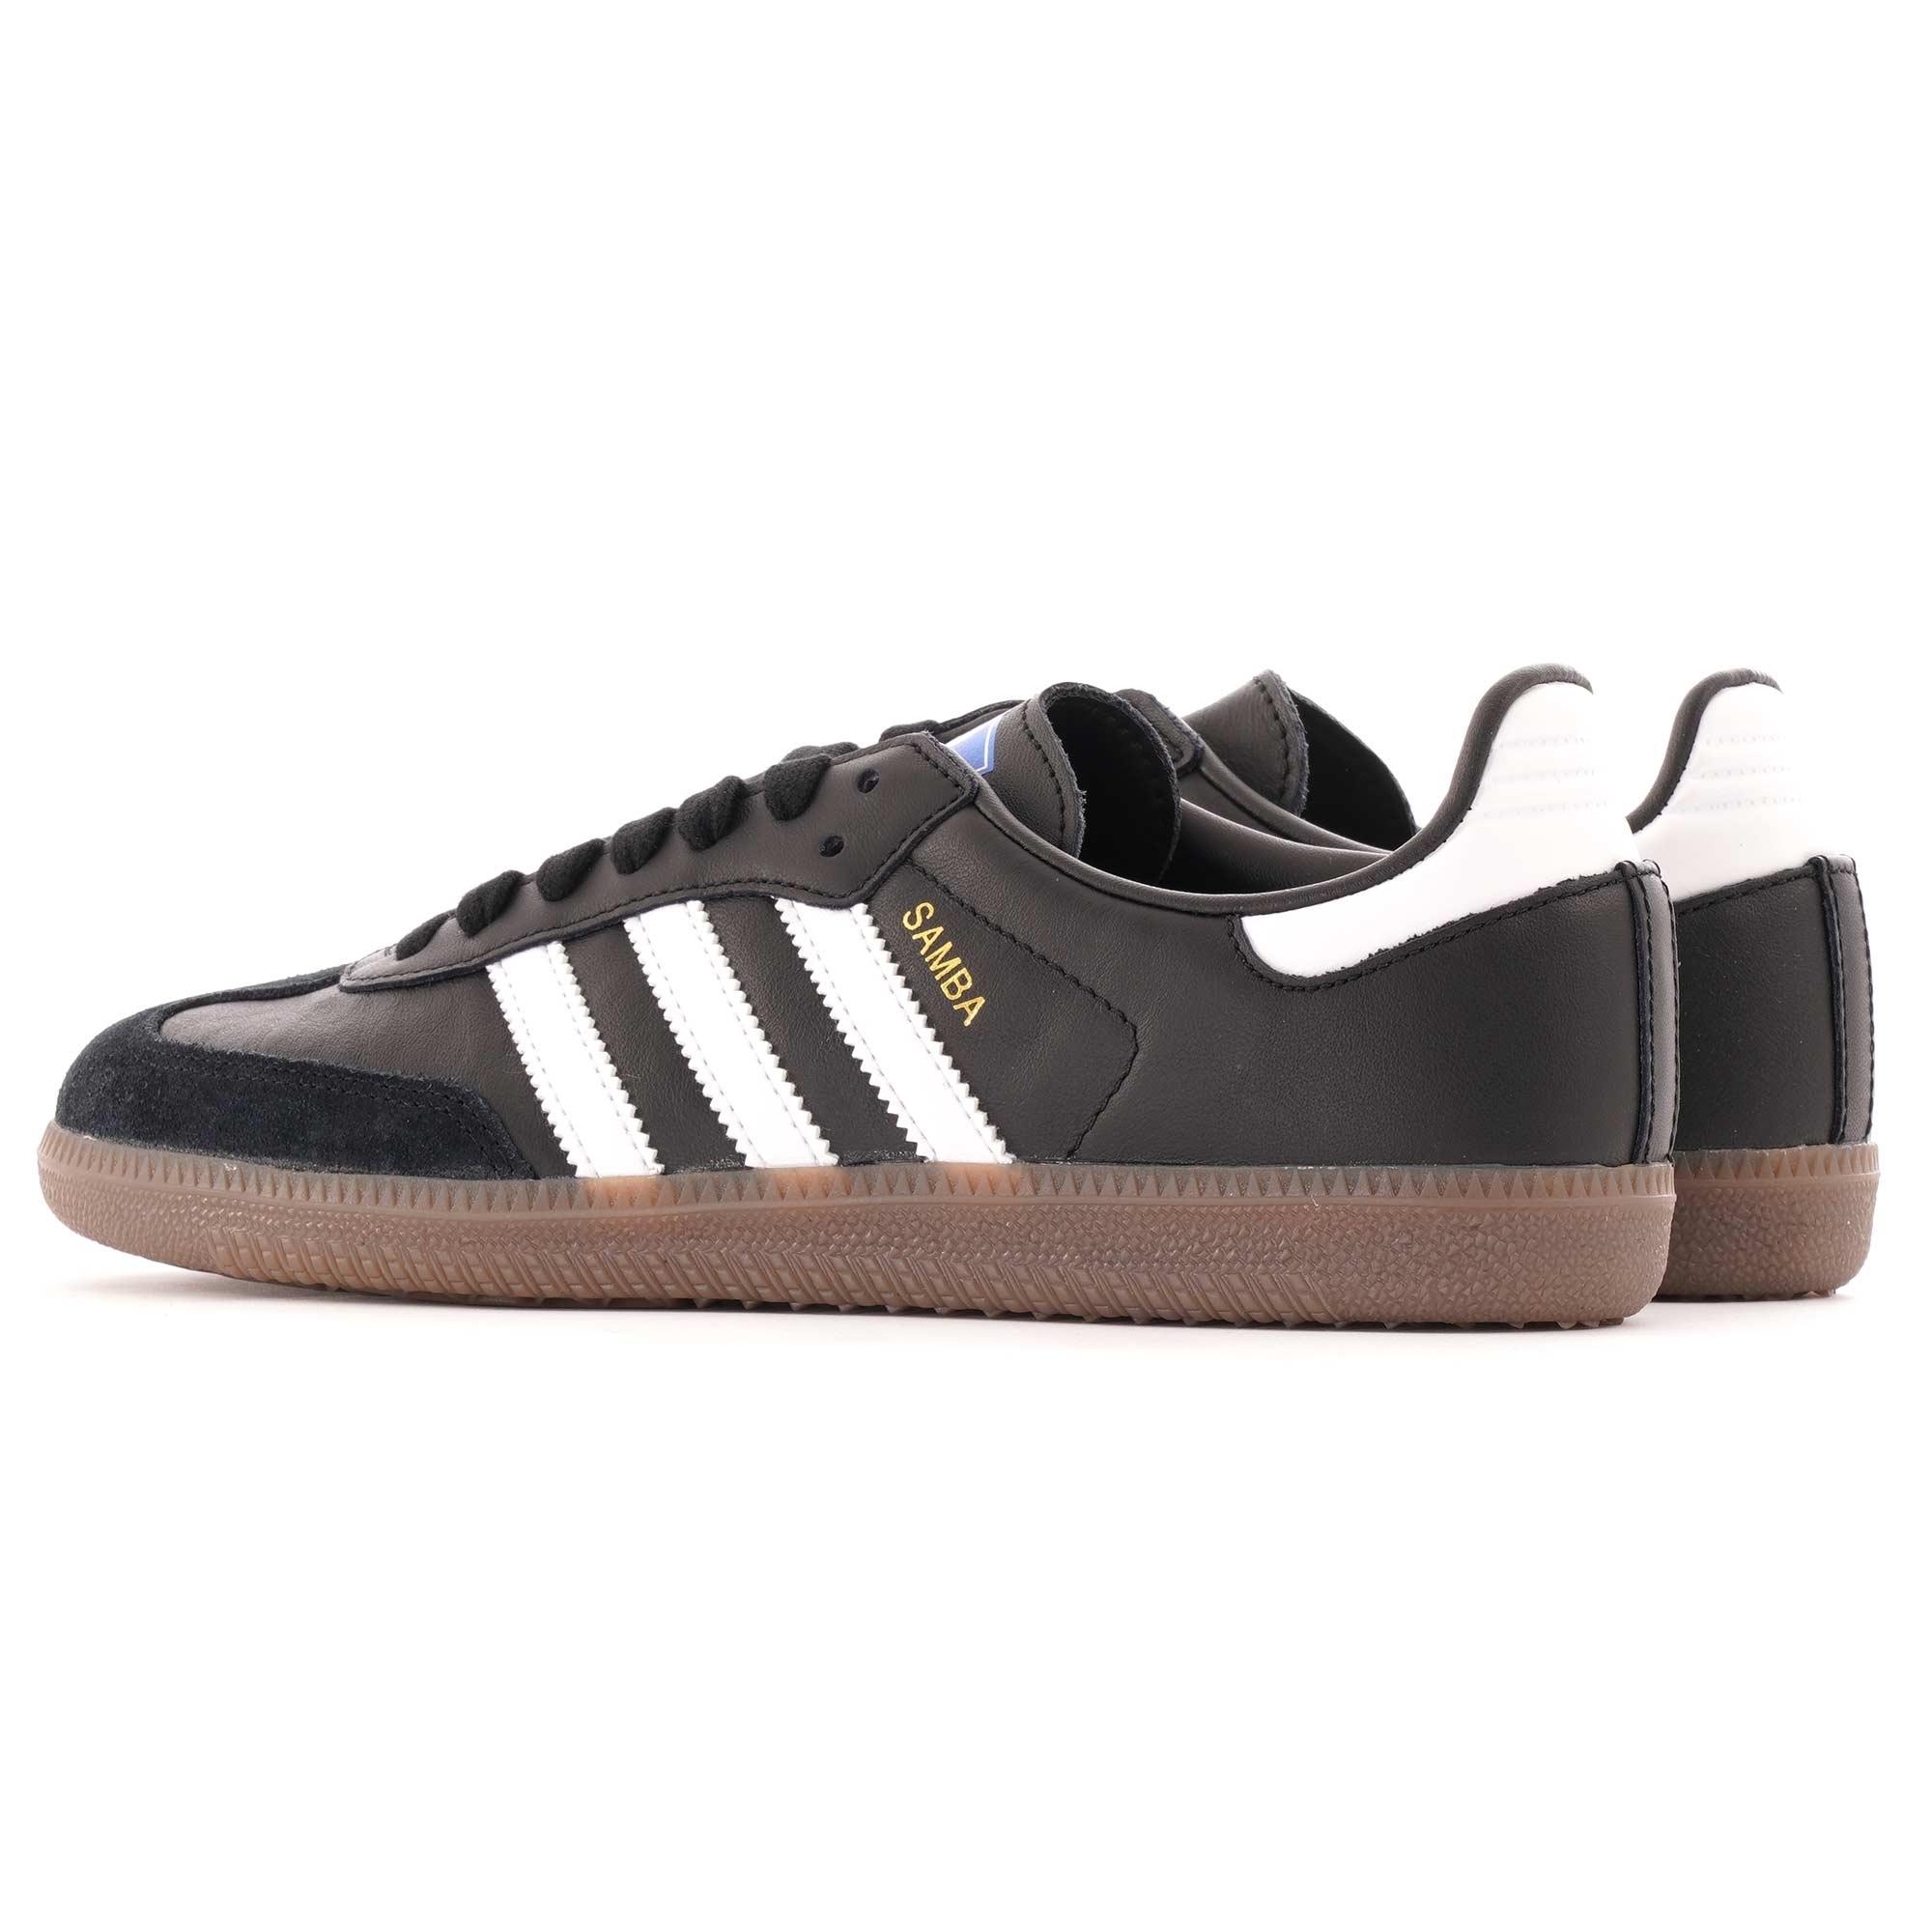 adidas Originals Samba OG | Black